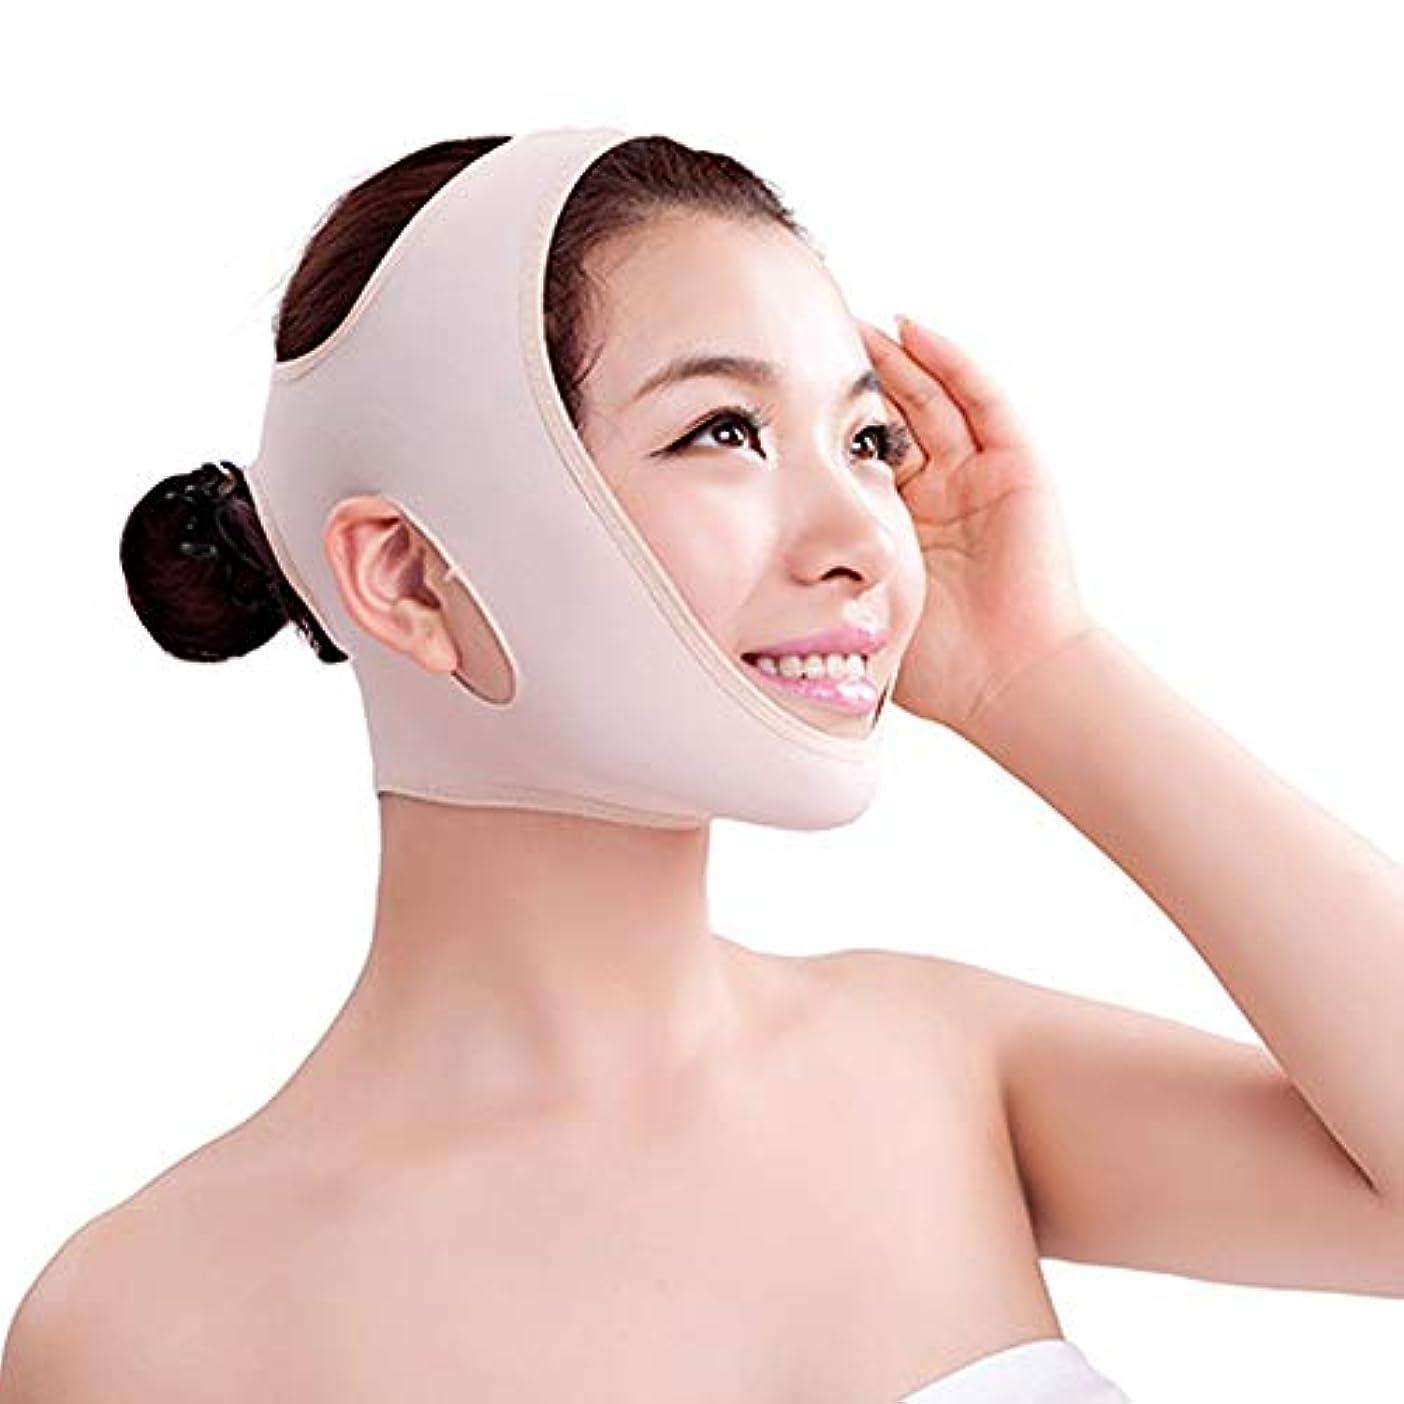 豚マウントバンク上回るフェイスリフティングベルト、フェイスリフティング包帯顔の形をしたV字型包帯通気性を防ぎ、頬のたるみを防ぎます二重あごのアンチエイジング (Color : Beige, Size : S)